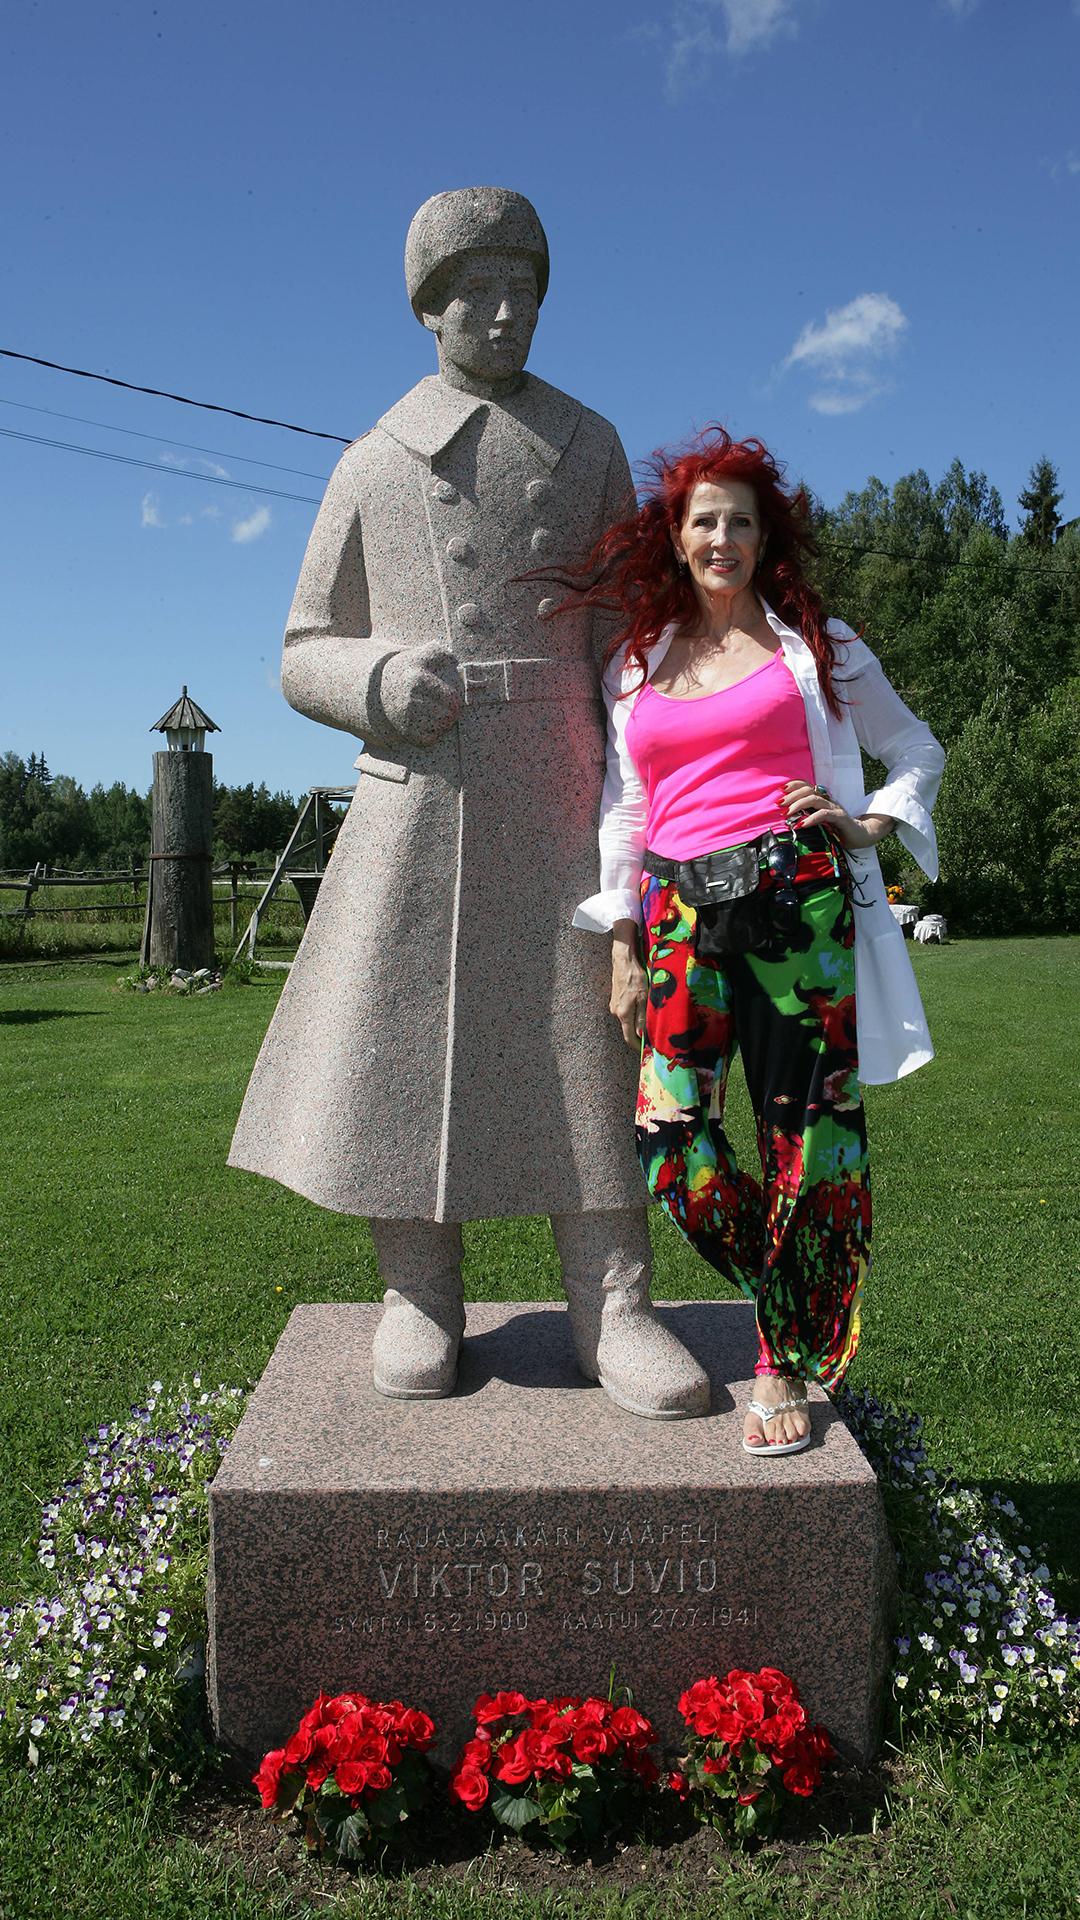 Aira Samulin ja isä Viktor Savion patsas